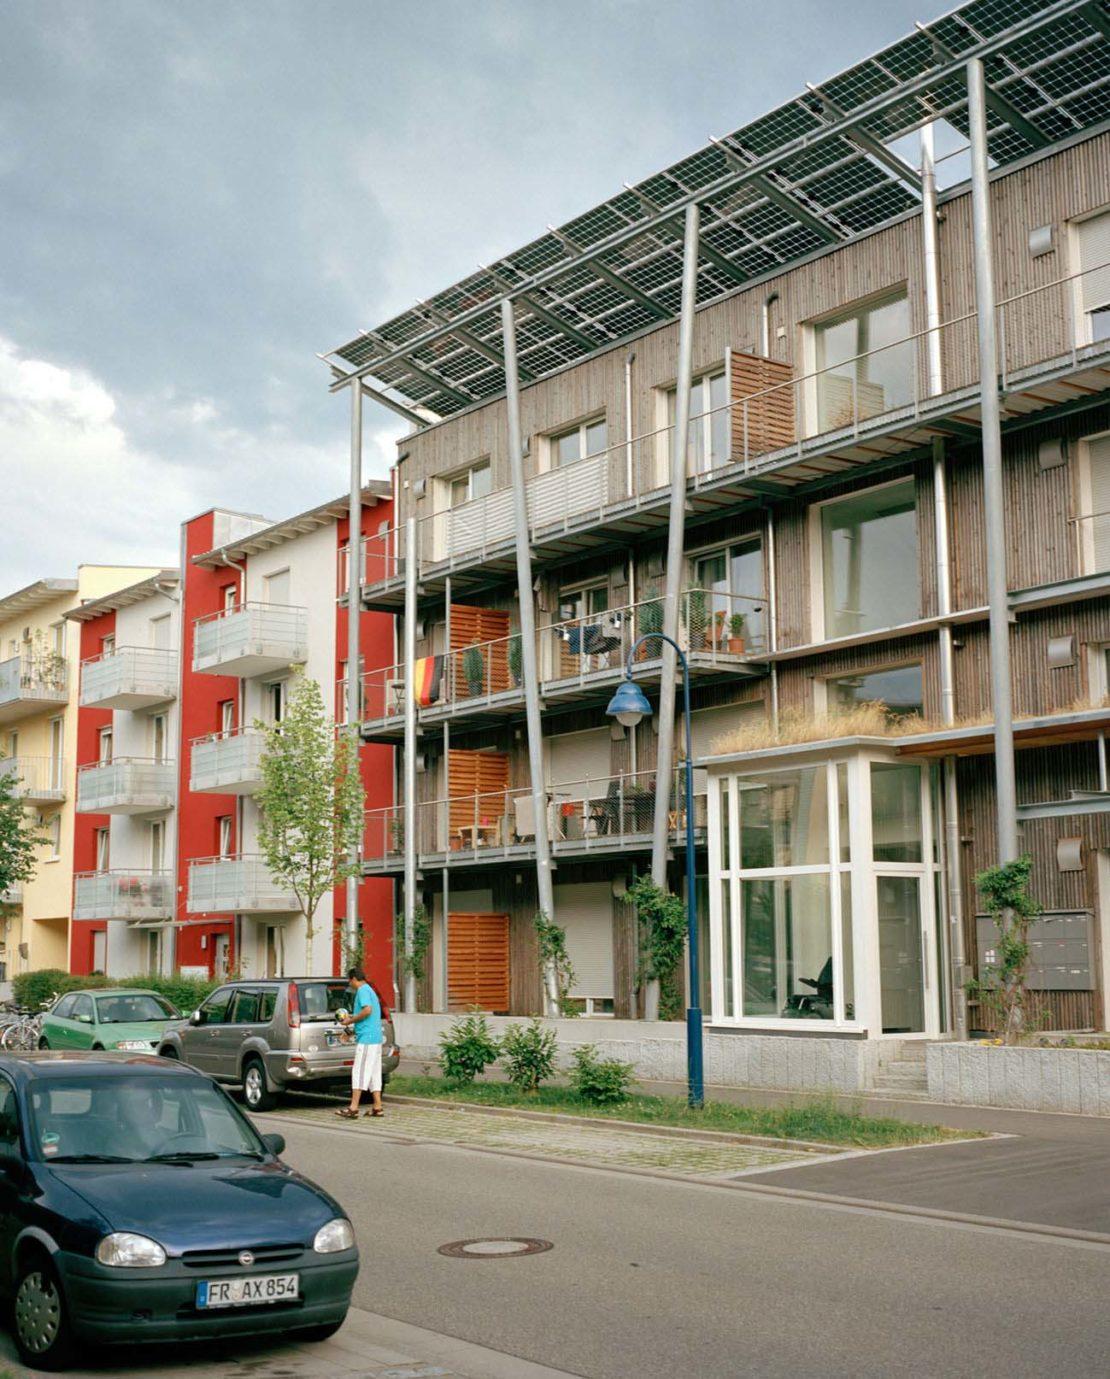 Housing in Rieselfeld